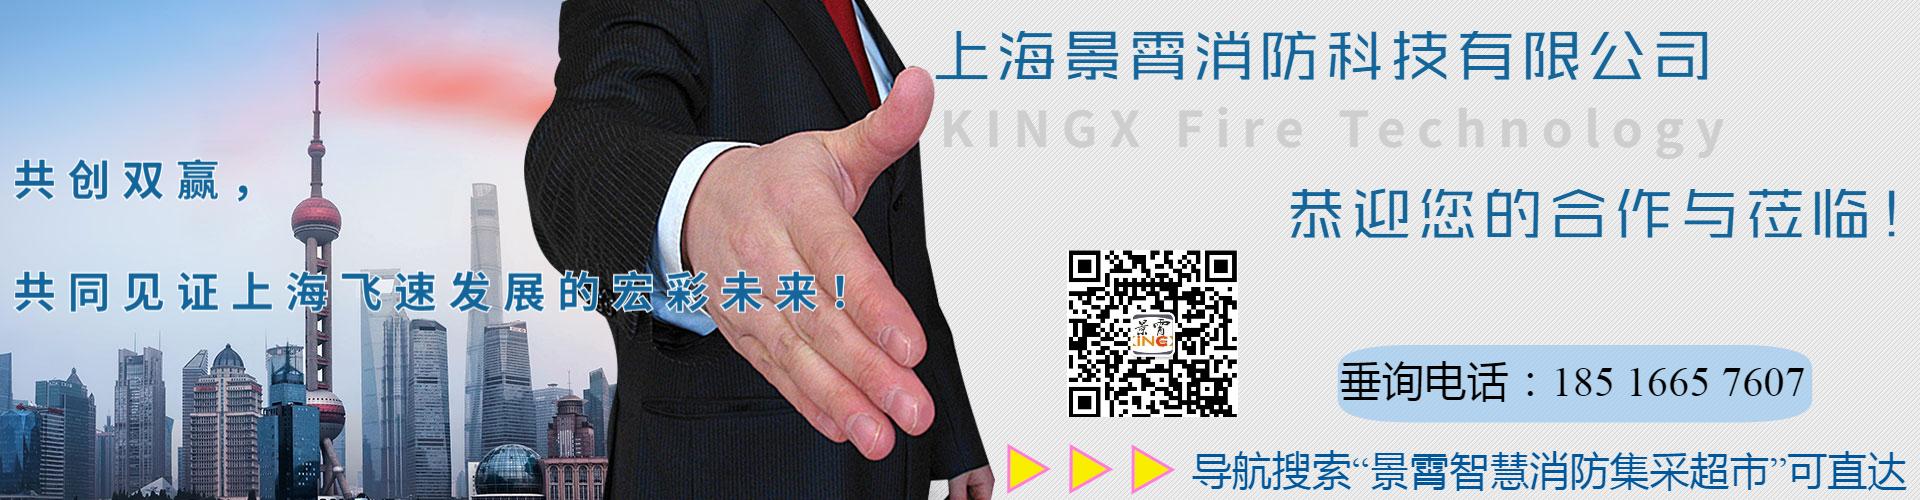 b11d19db-6143-41c9-b57c-cd06d4a48928.jpg